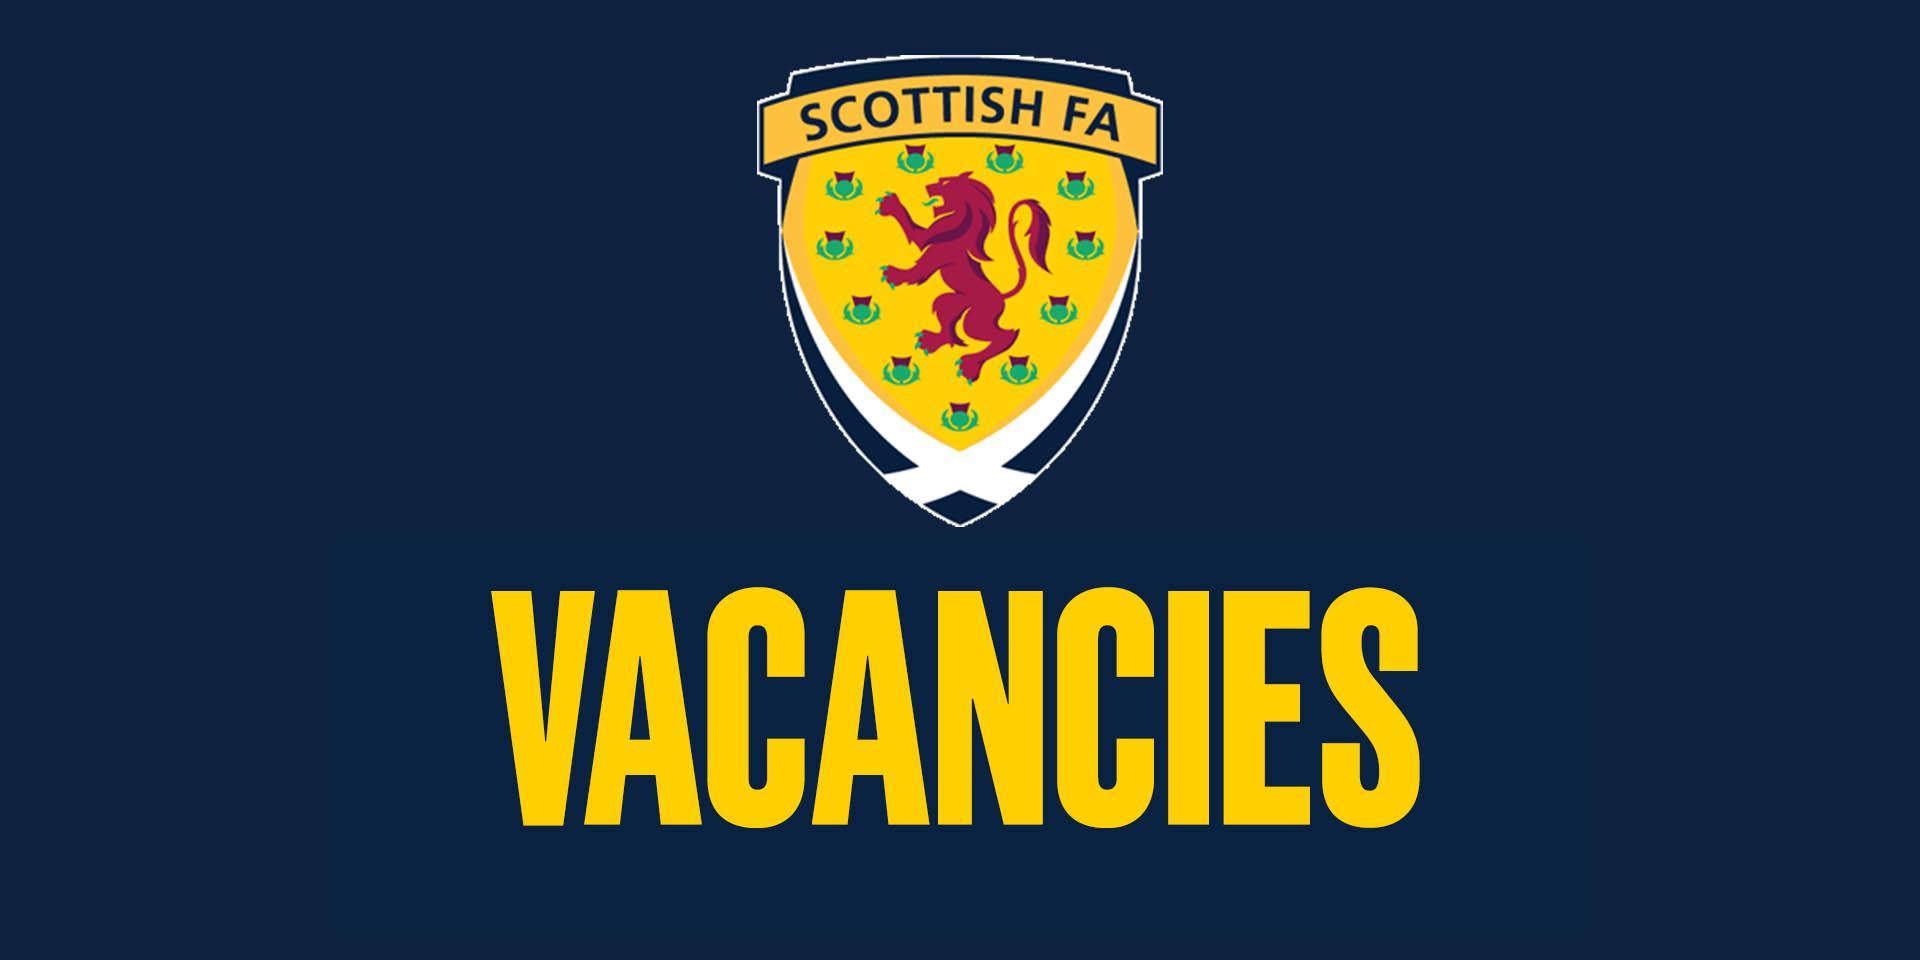 Job Vacancies | Scottish Football Jobs | Scottish FA